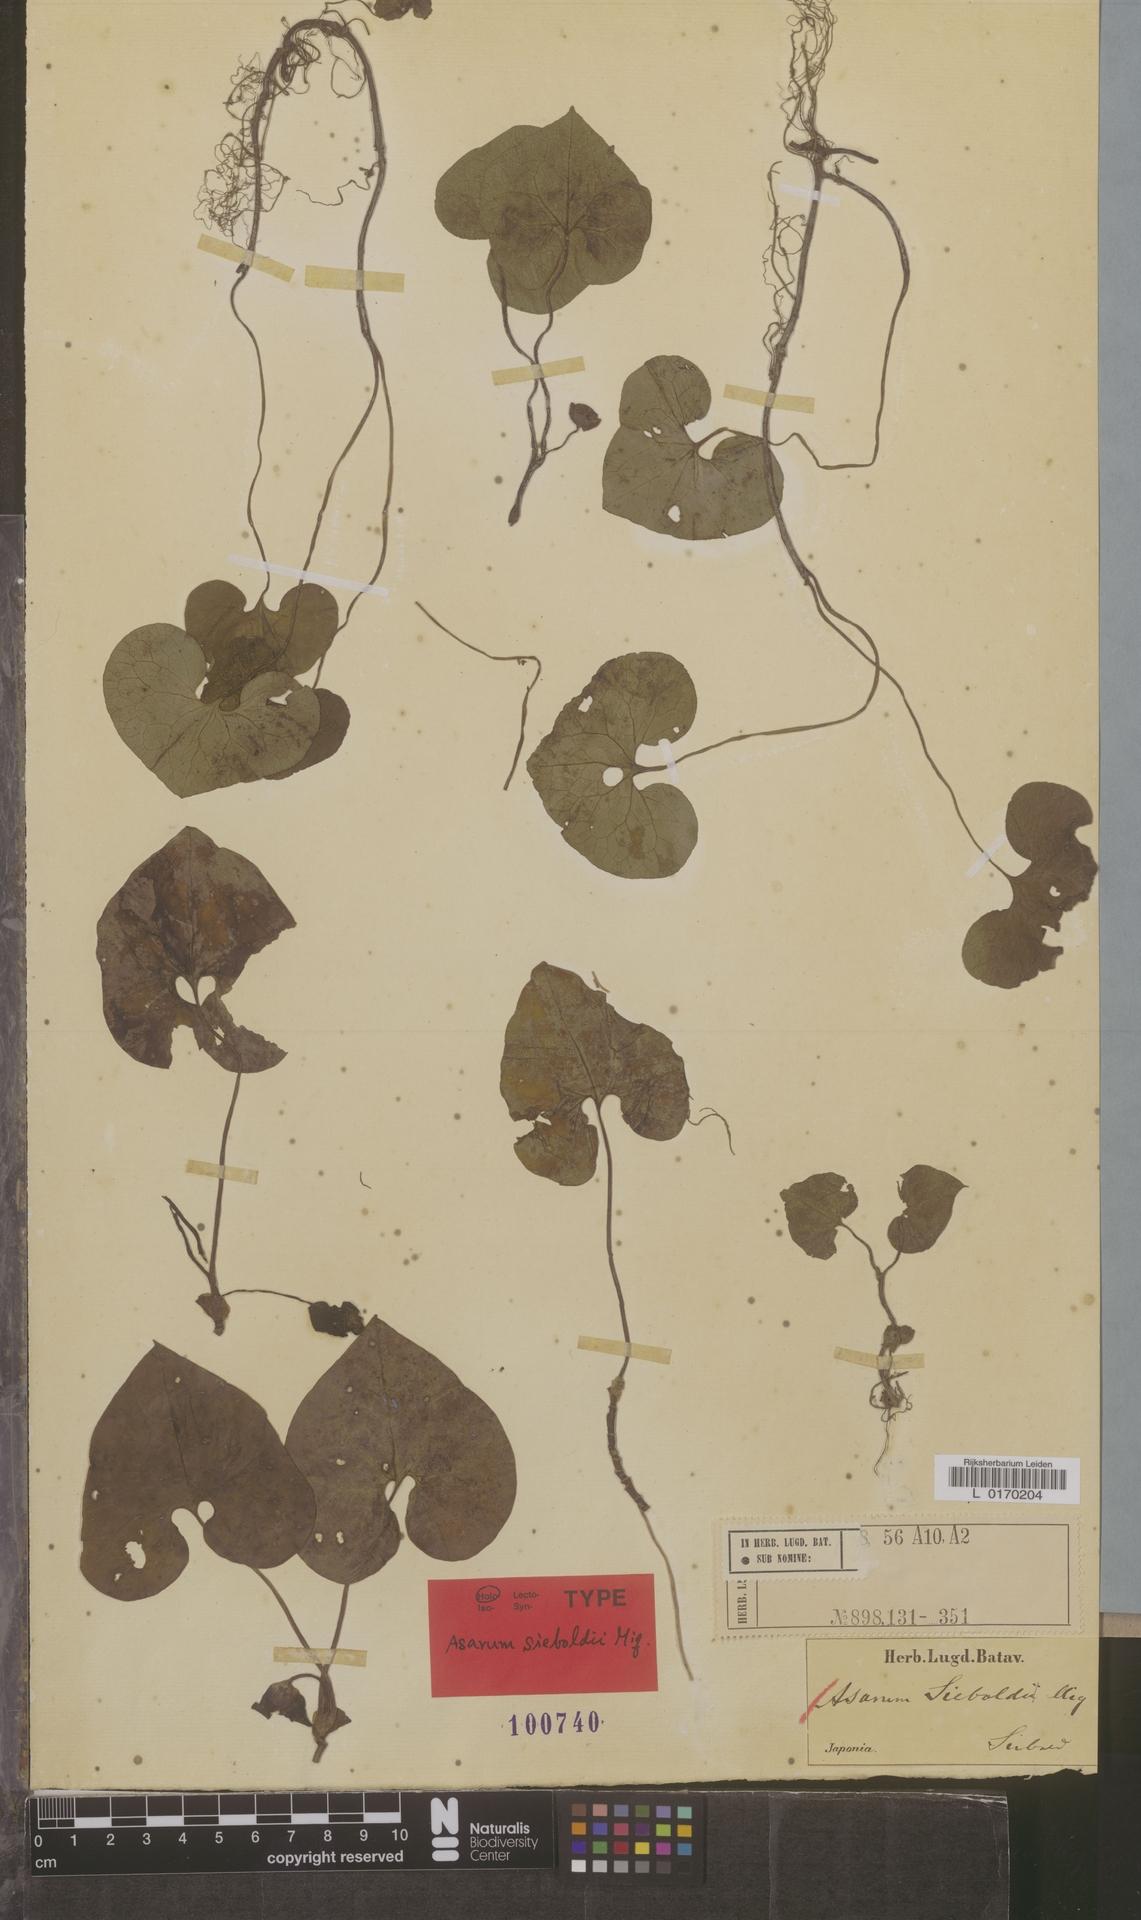 L  0170204 | Asarum sieboldii Miq.